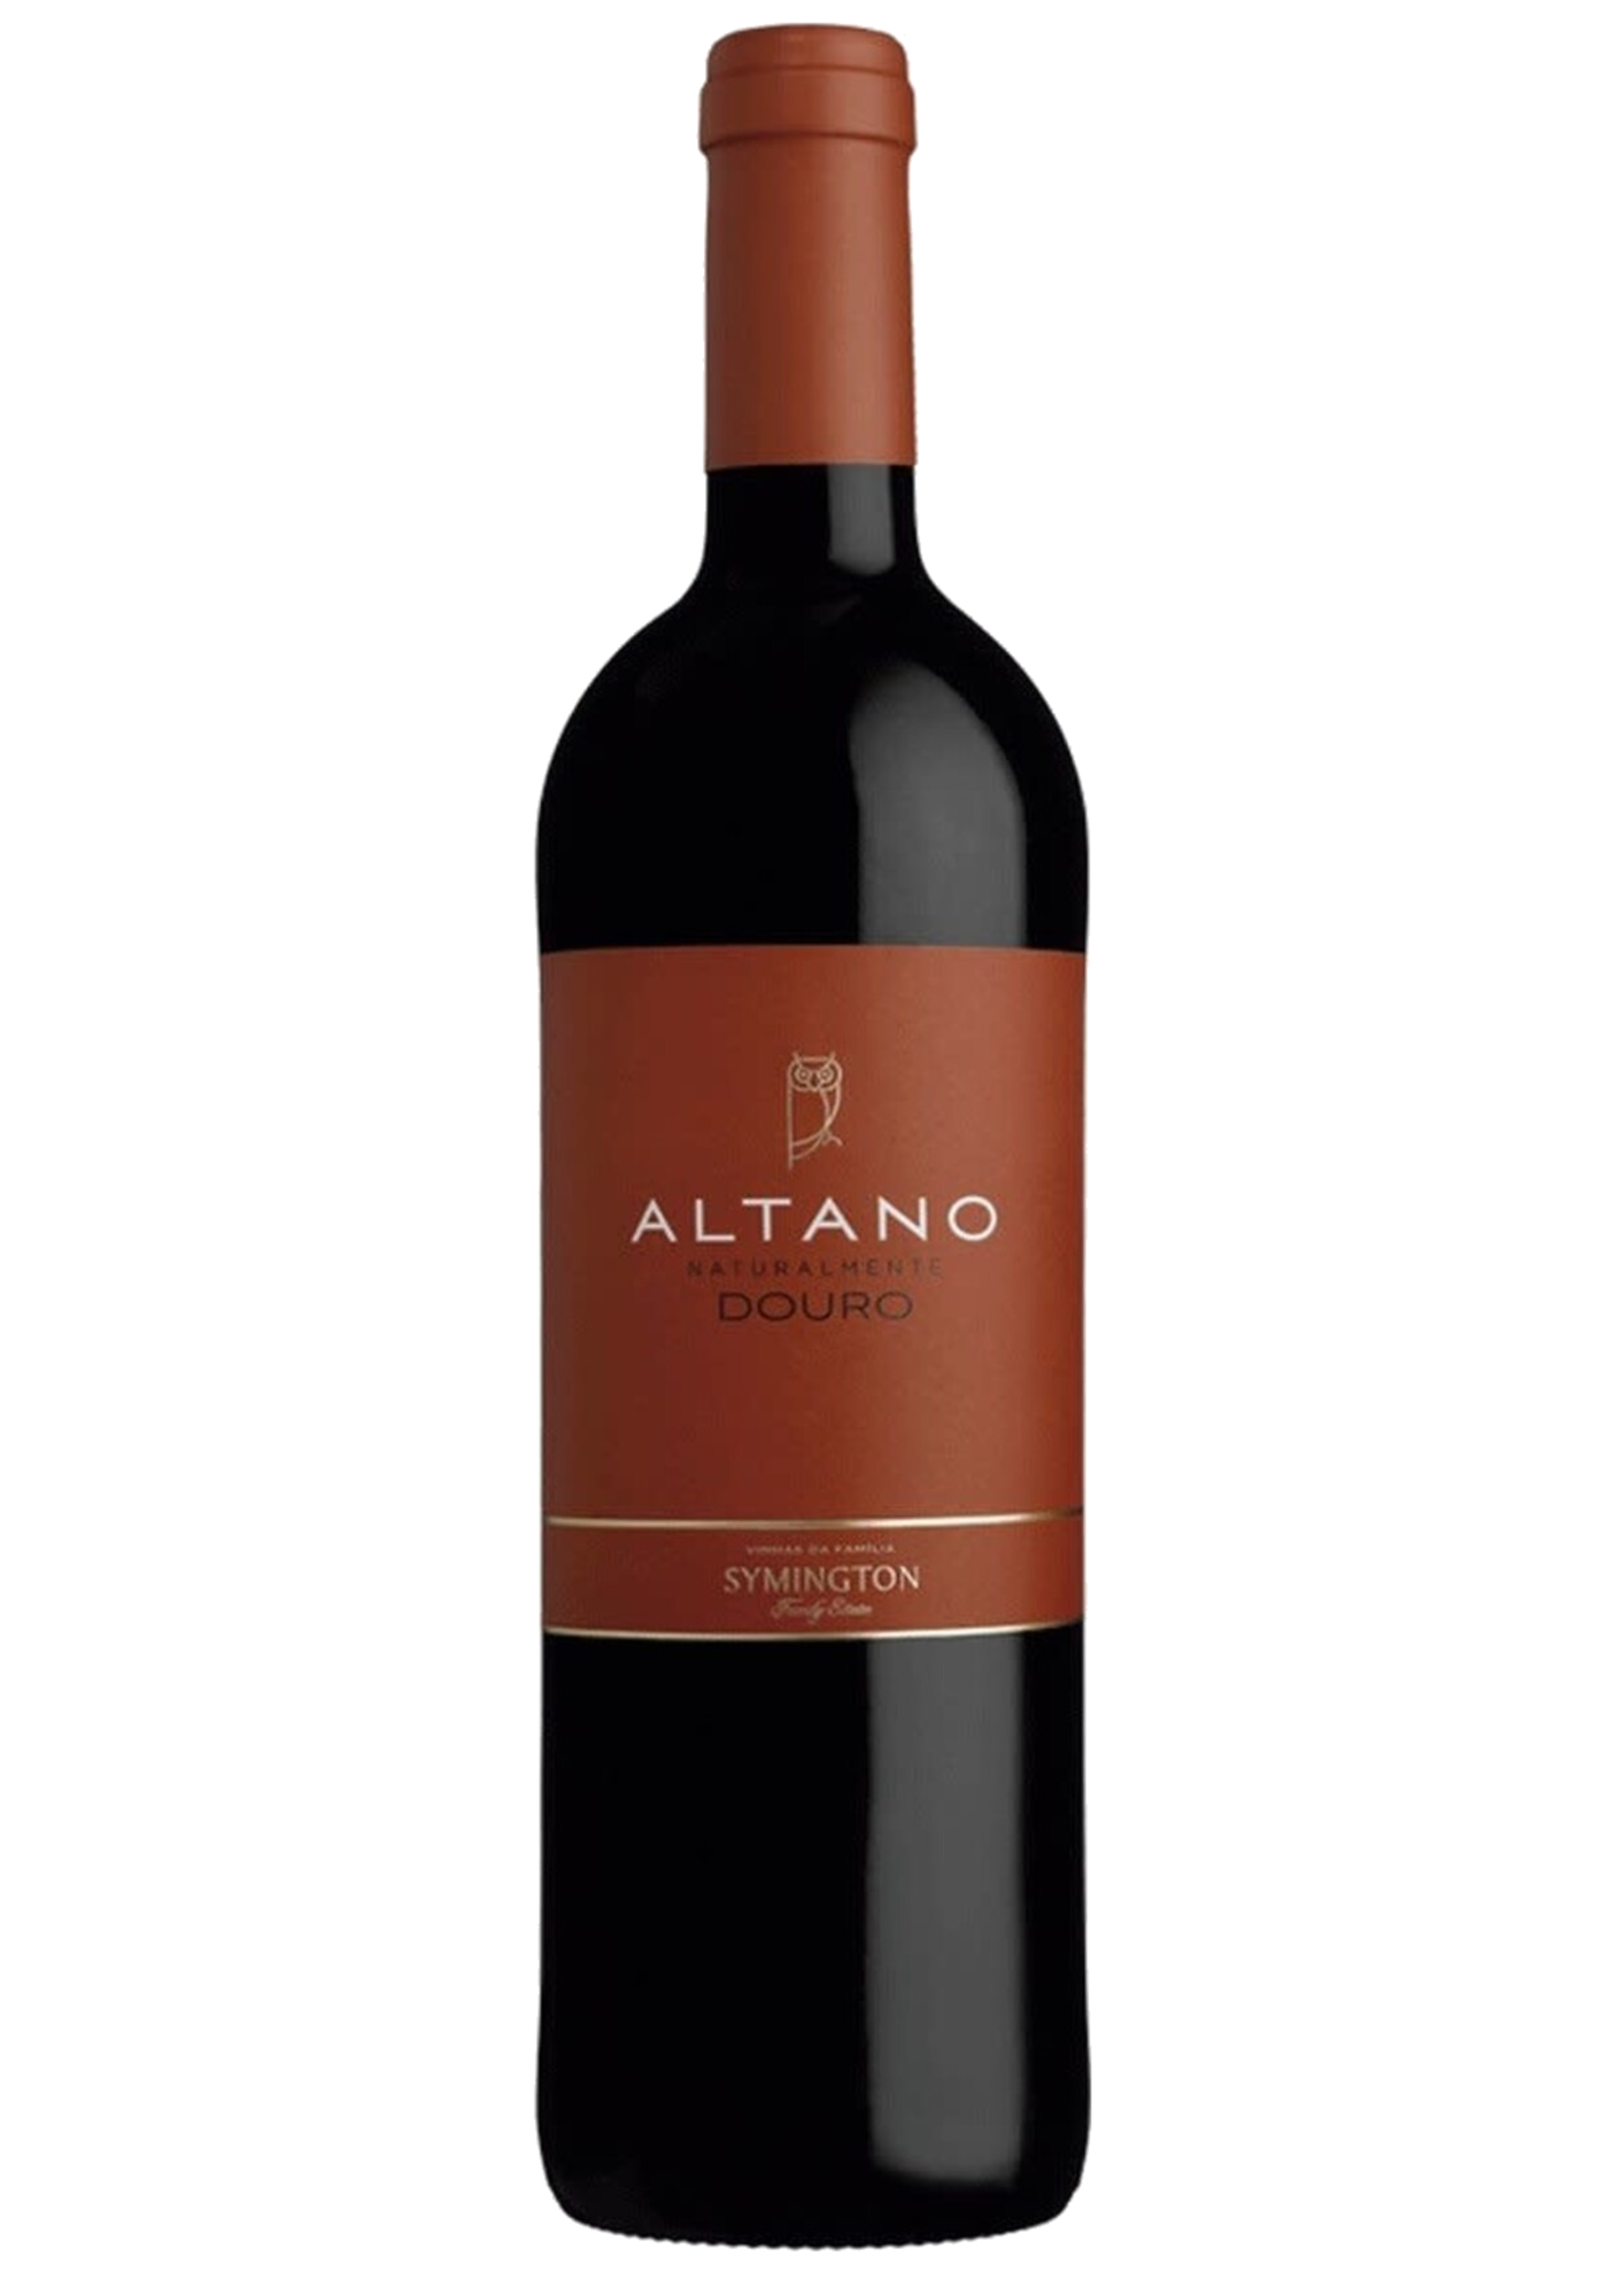 Altano Altano / Douro Red 2018 / 750mL